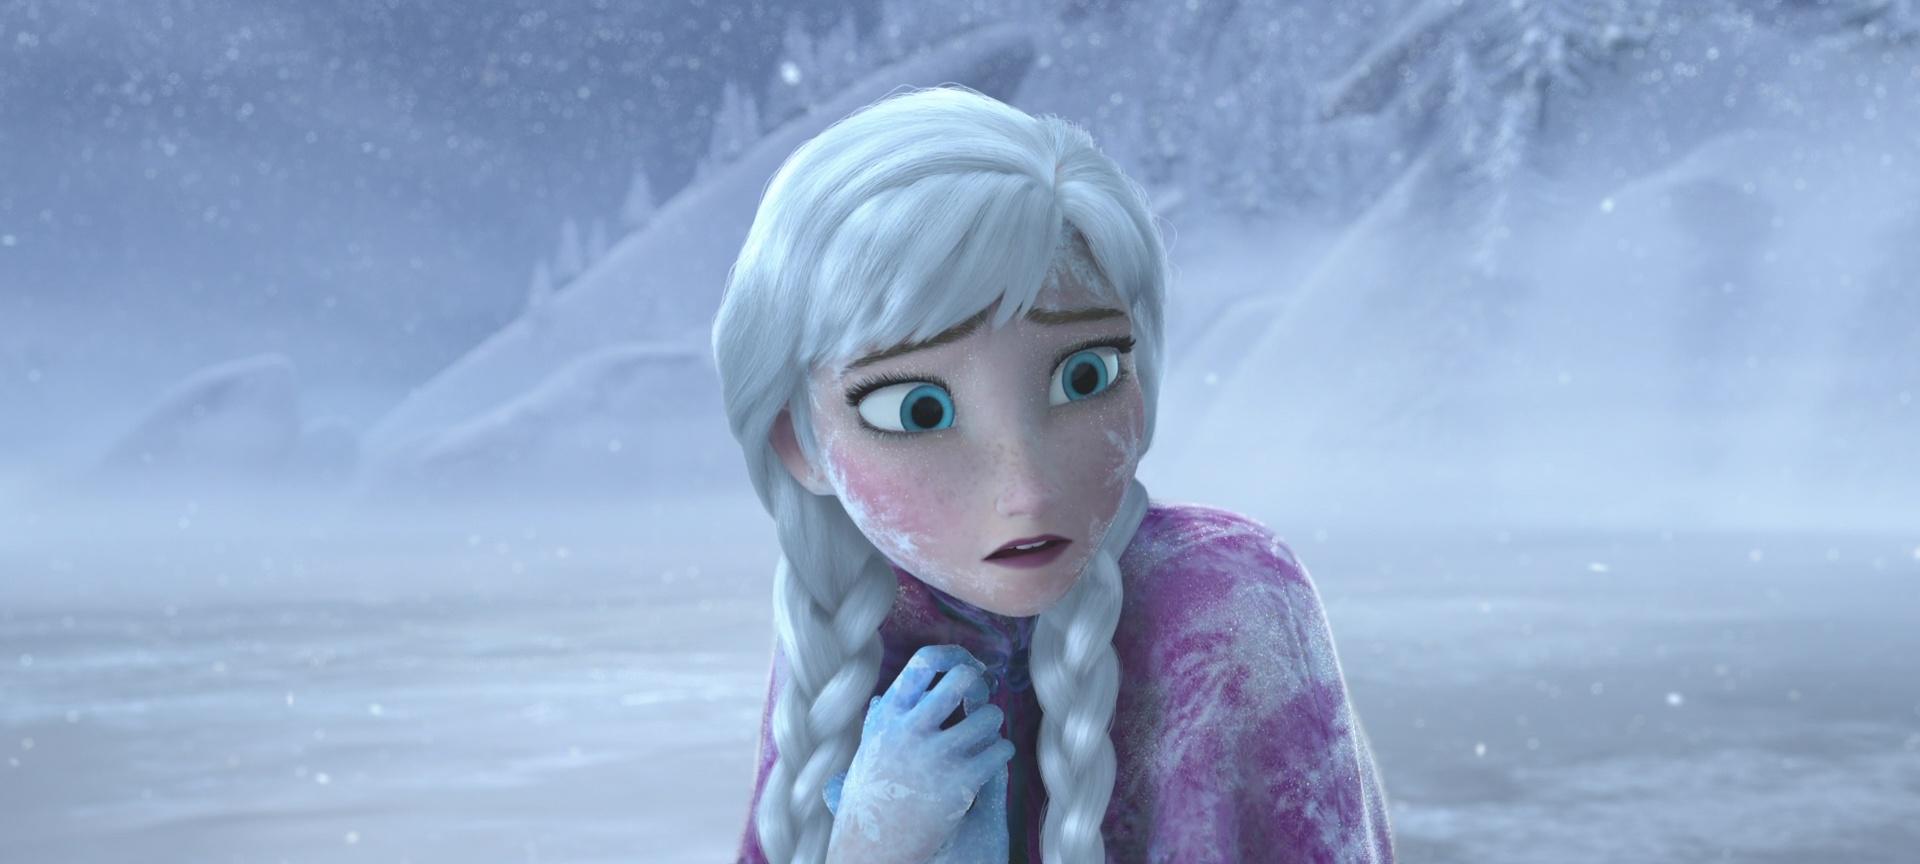 Anna personnage dans la reine des neiges disney planet - La reine du neige ...